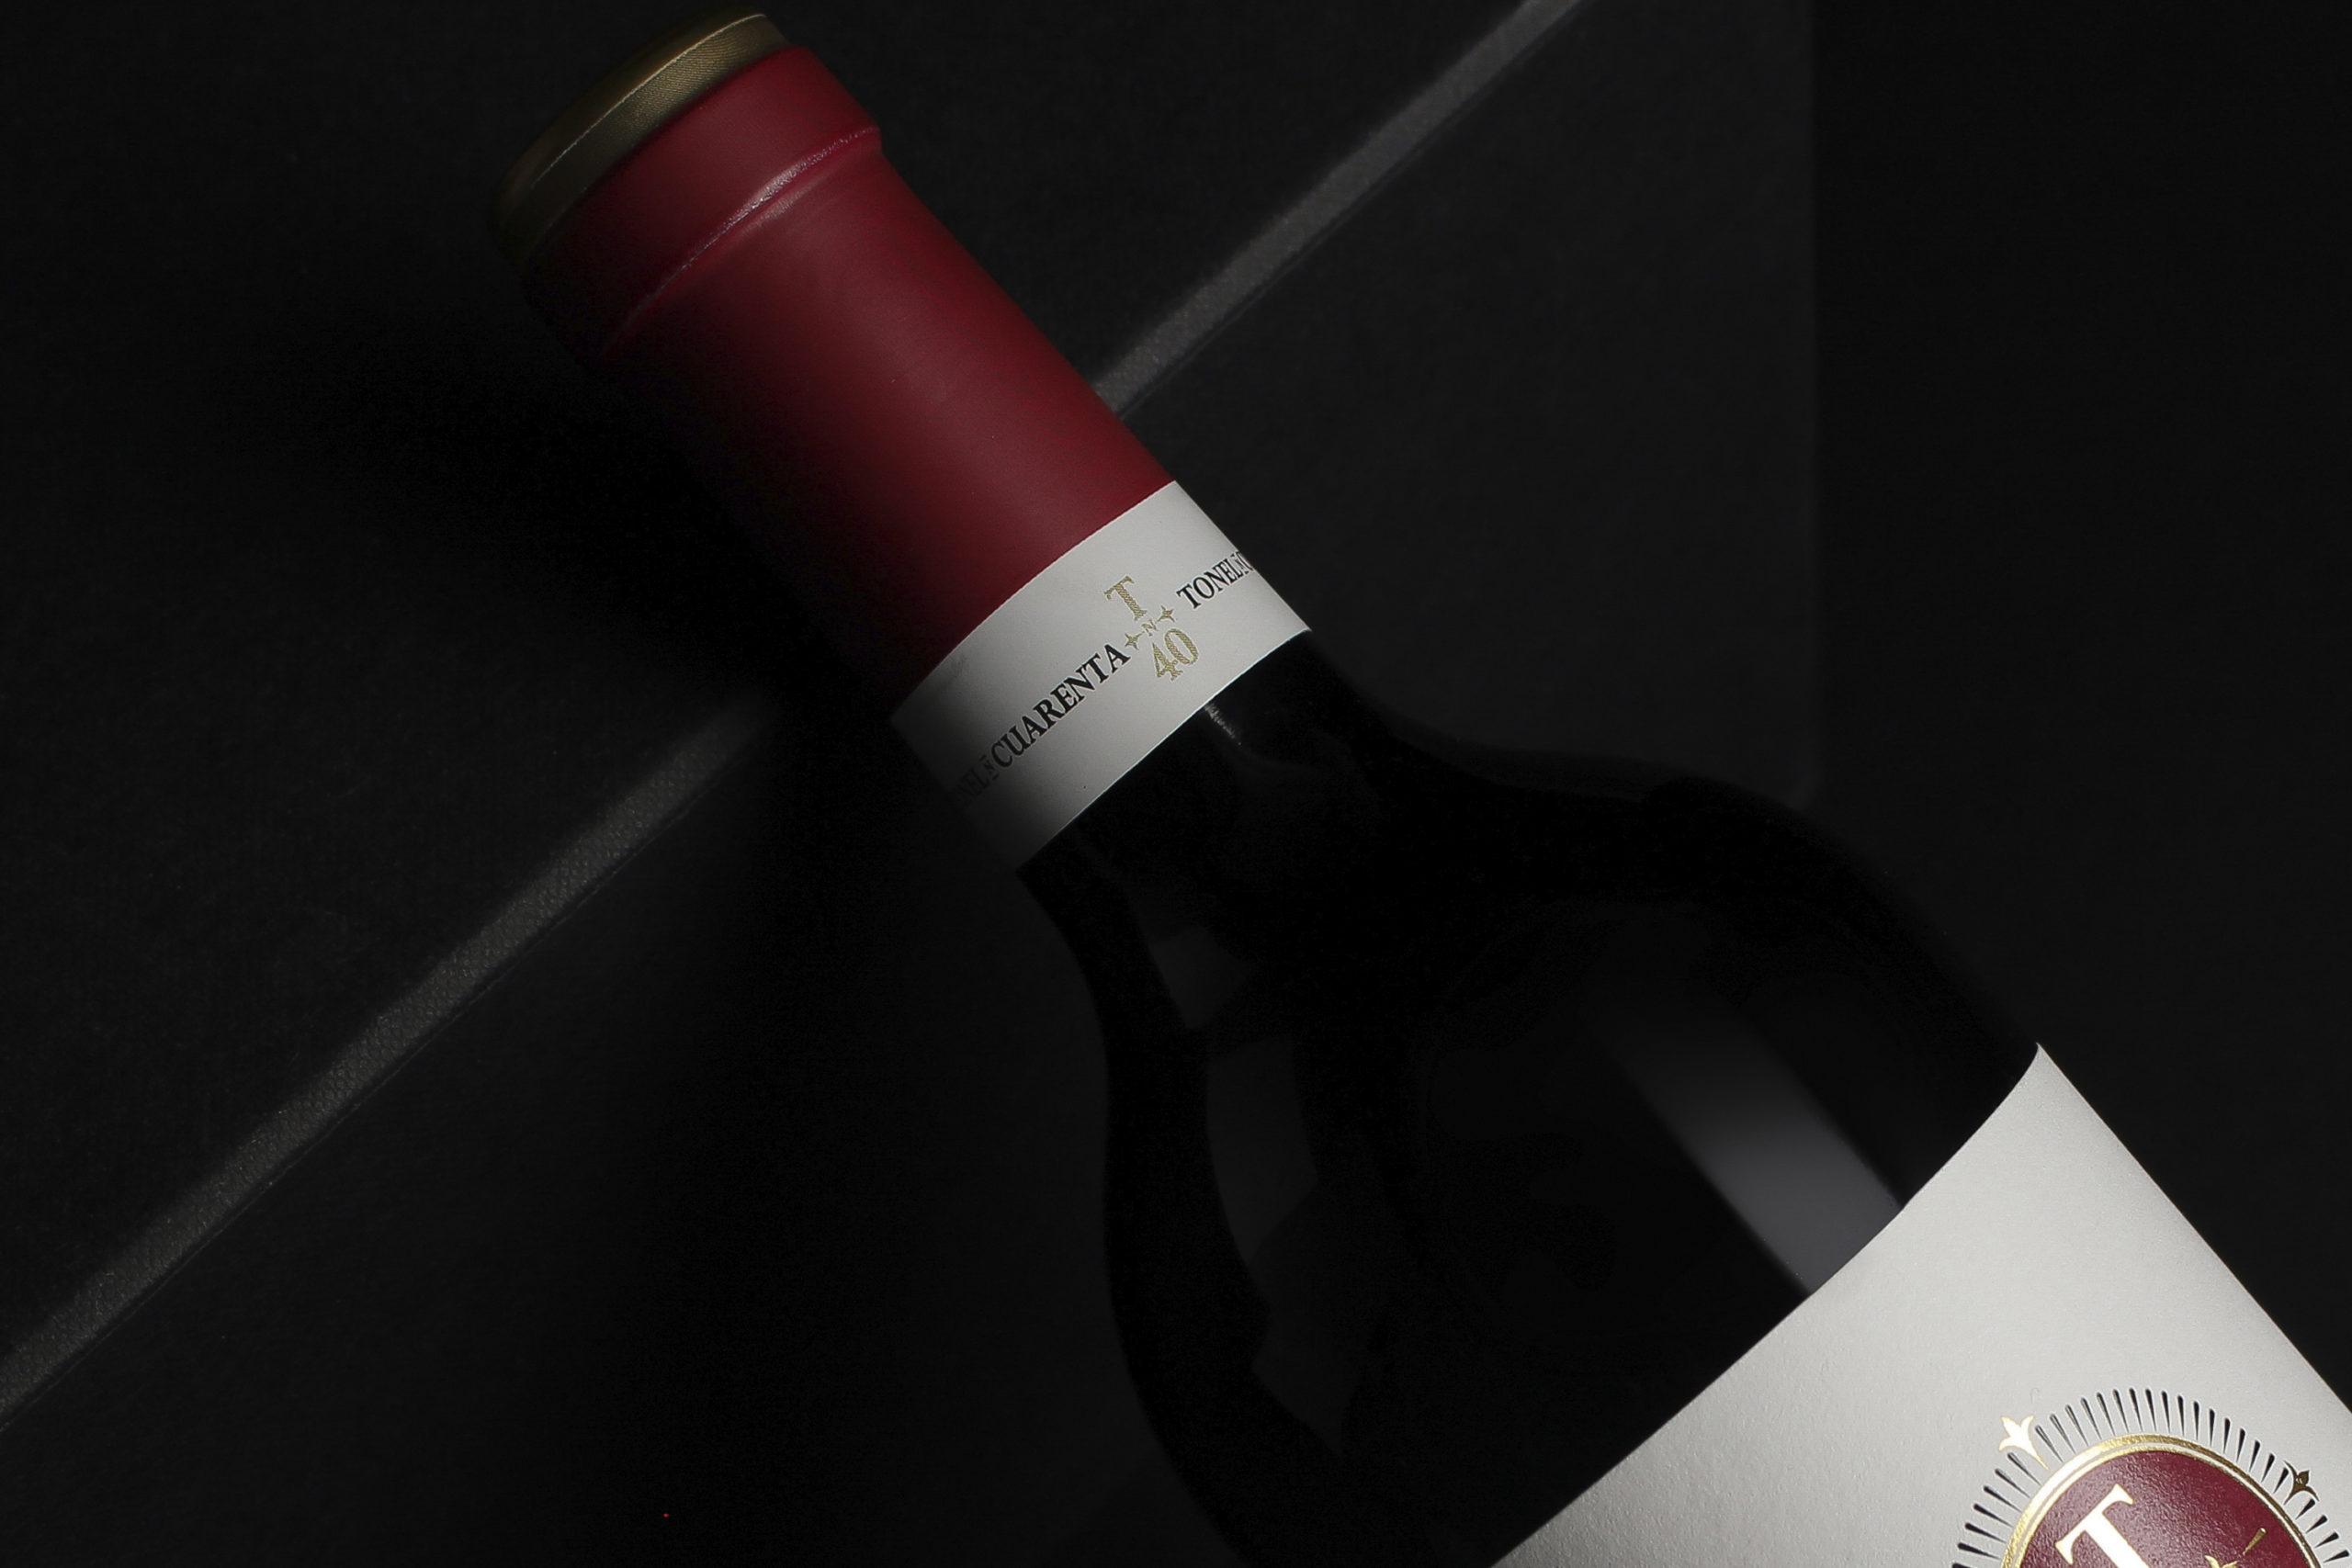 wine label design Tonel Cuarenta Reserva armoder